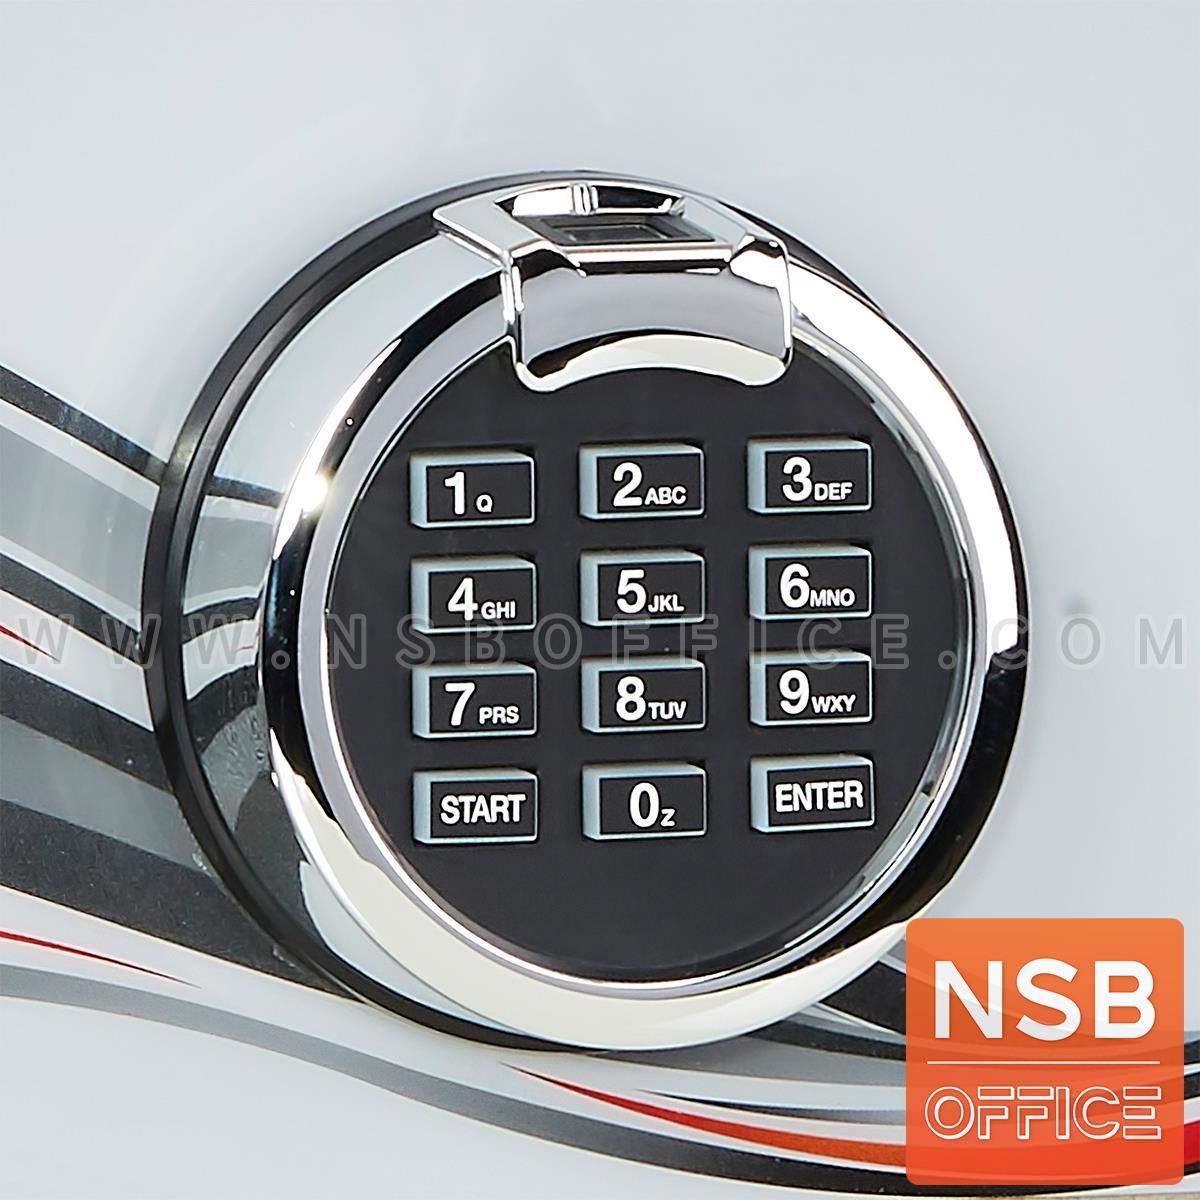 ตู้เซฟนิรภัยดิจิตอลระบบสแกนนิ้วมือ 190 กก.  รุ่น PRESIDENT-SB40DF 1 กุญแจ 1 รหัส